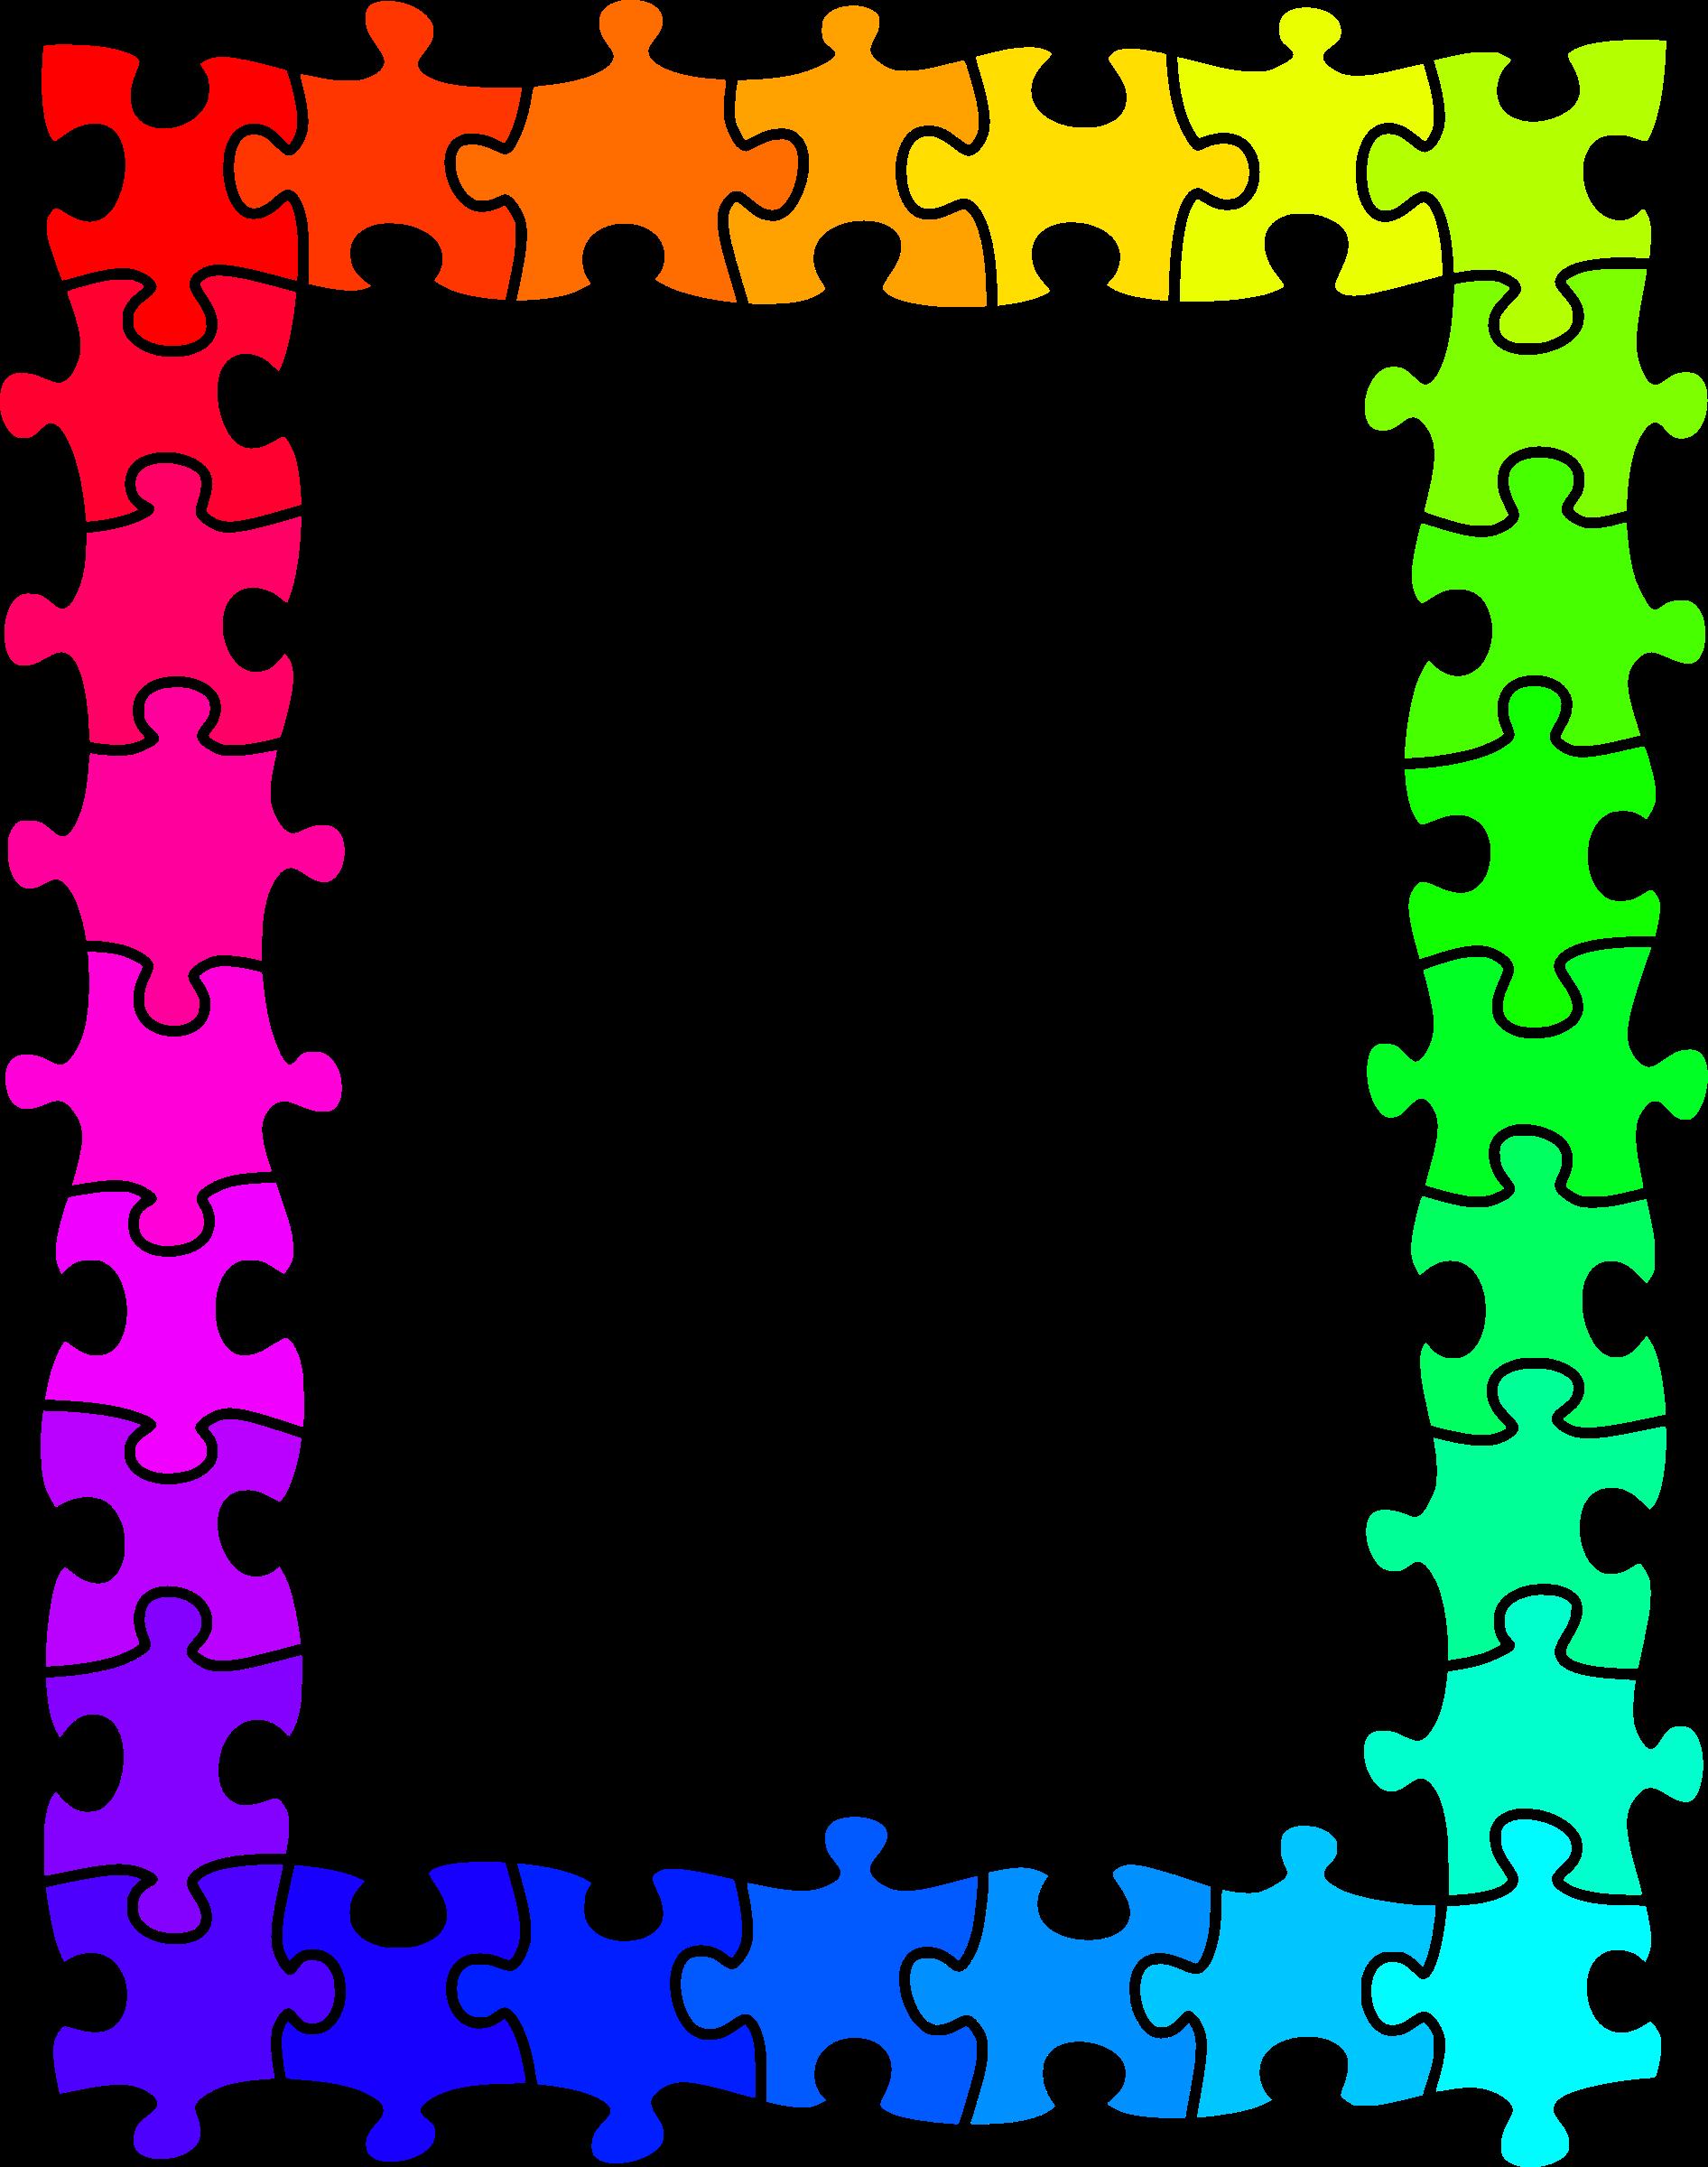 Clipart - Jigsaw frame (rainbow colours)